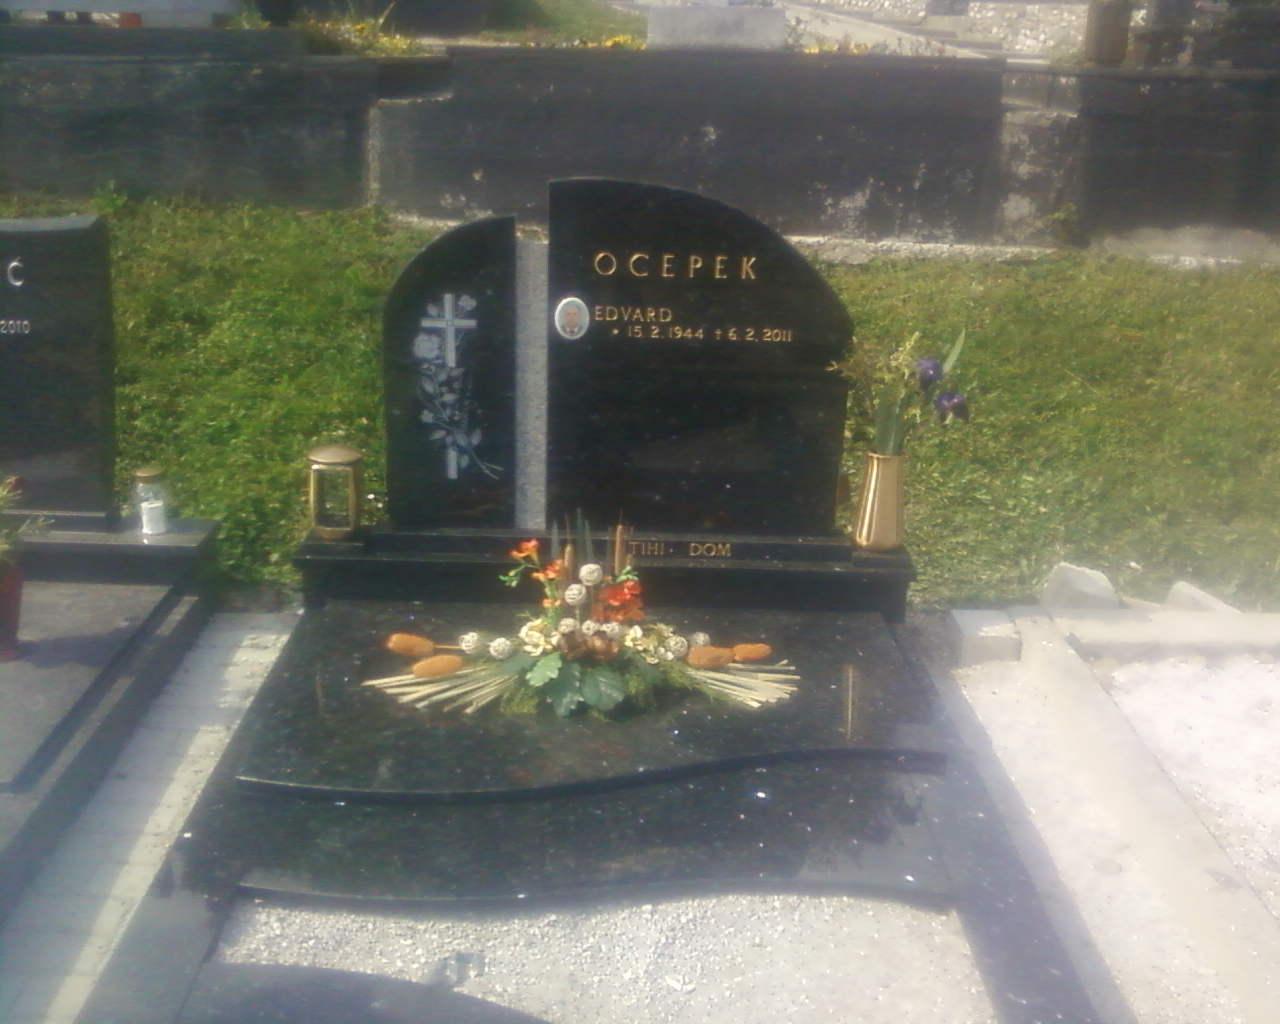 Enojni nagrobnik 1